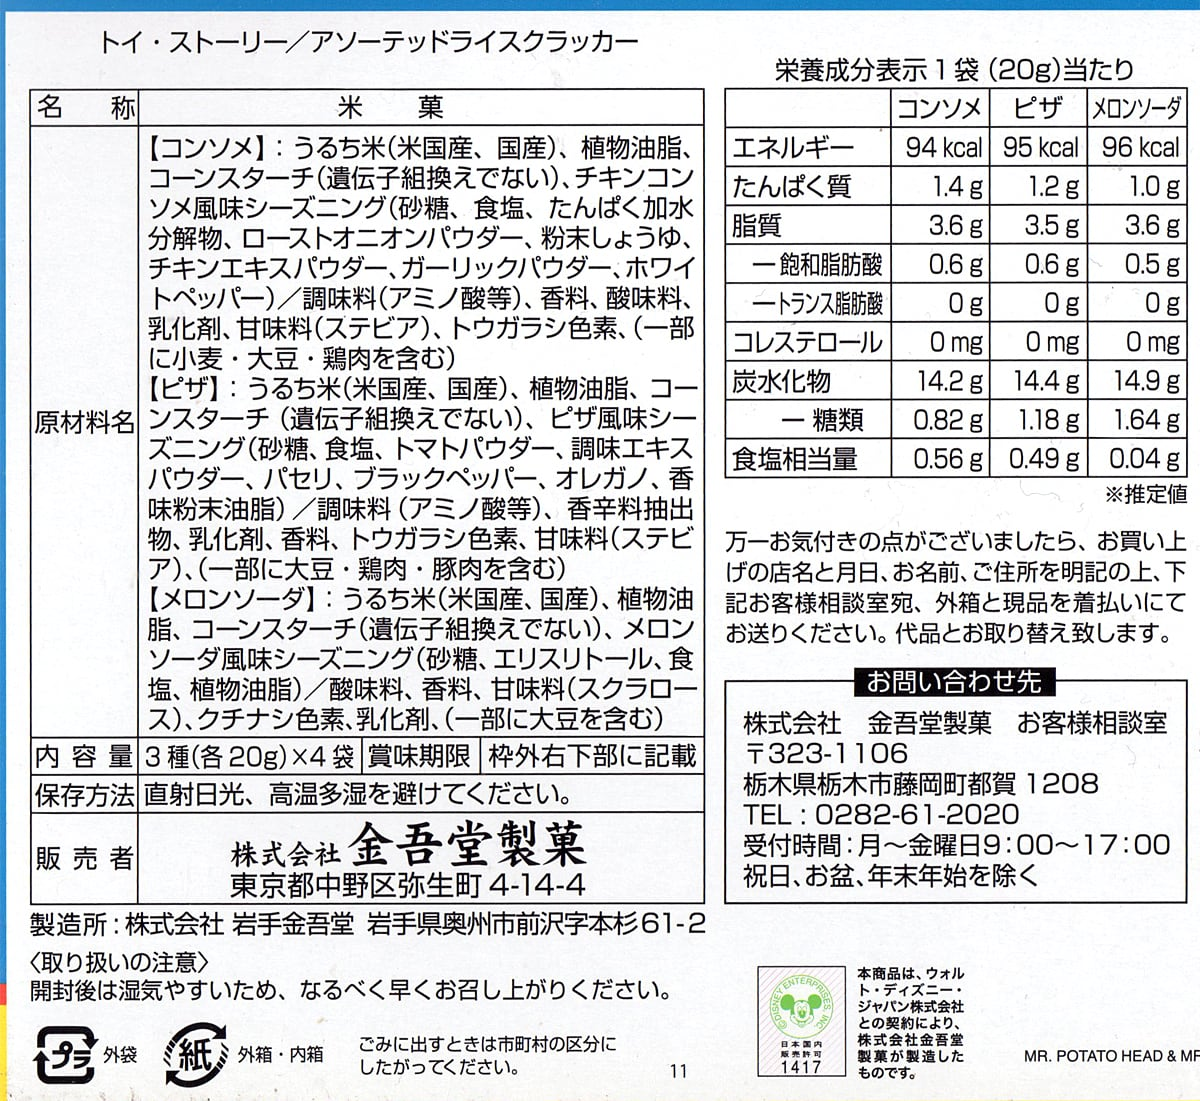 金吾堂製菓 トイストーリーおせんべいアソート 裏面ラベル(原材料・カロリーほか)